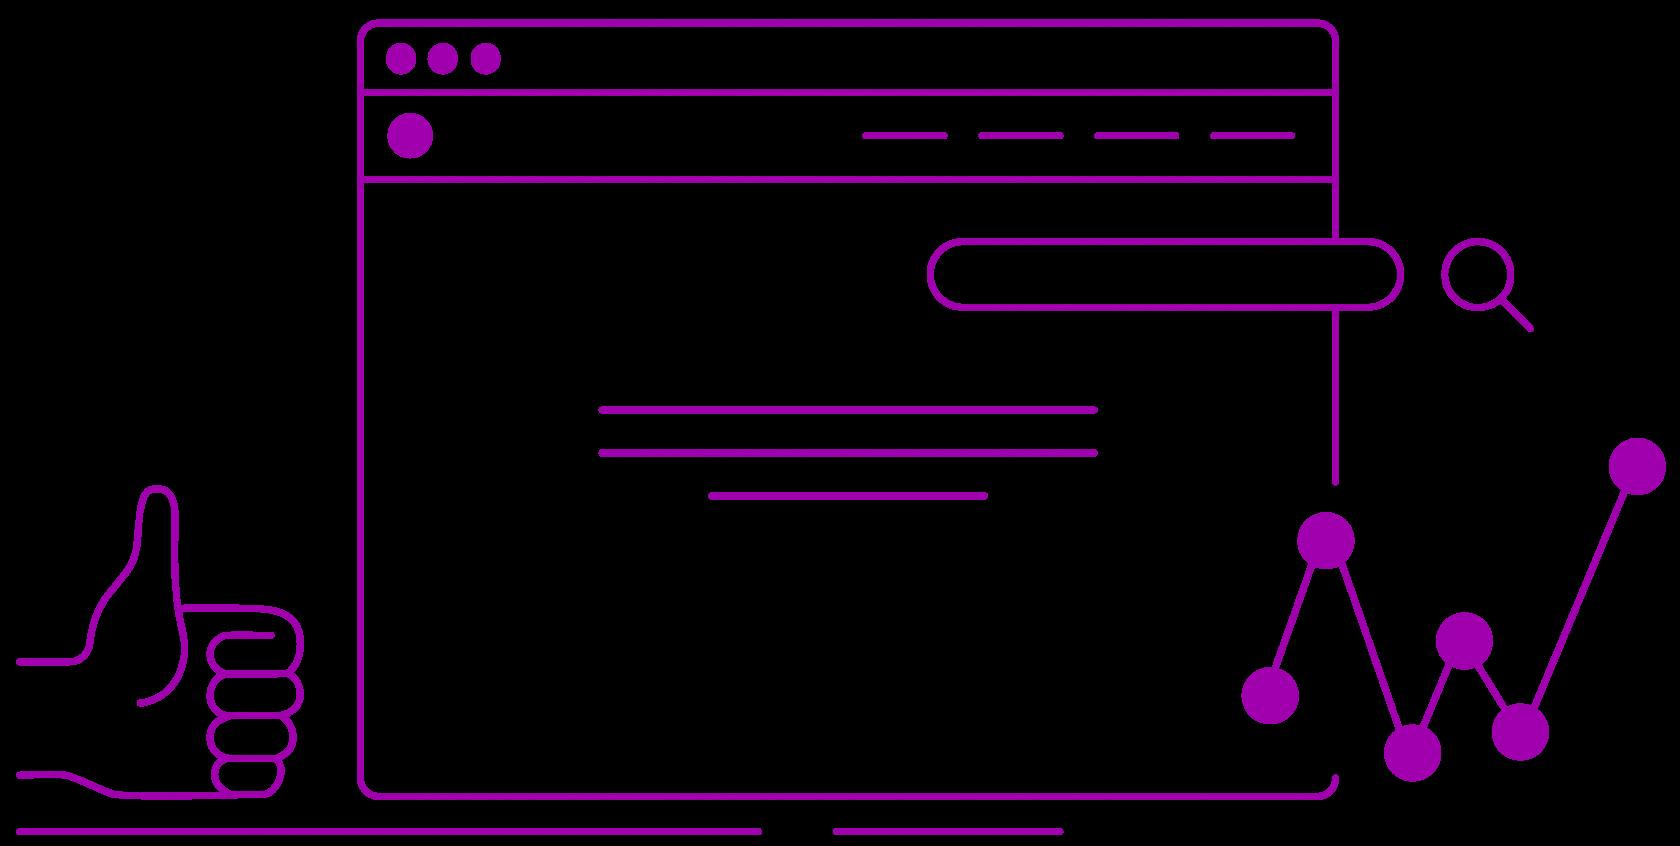 06 Анализ Сайта В Бесплатных Онлайн Сервисах Pr cy, Cy pr, Be1, Xseo И Других